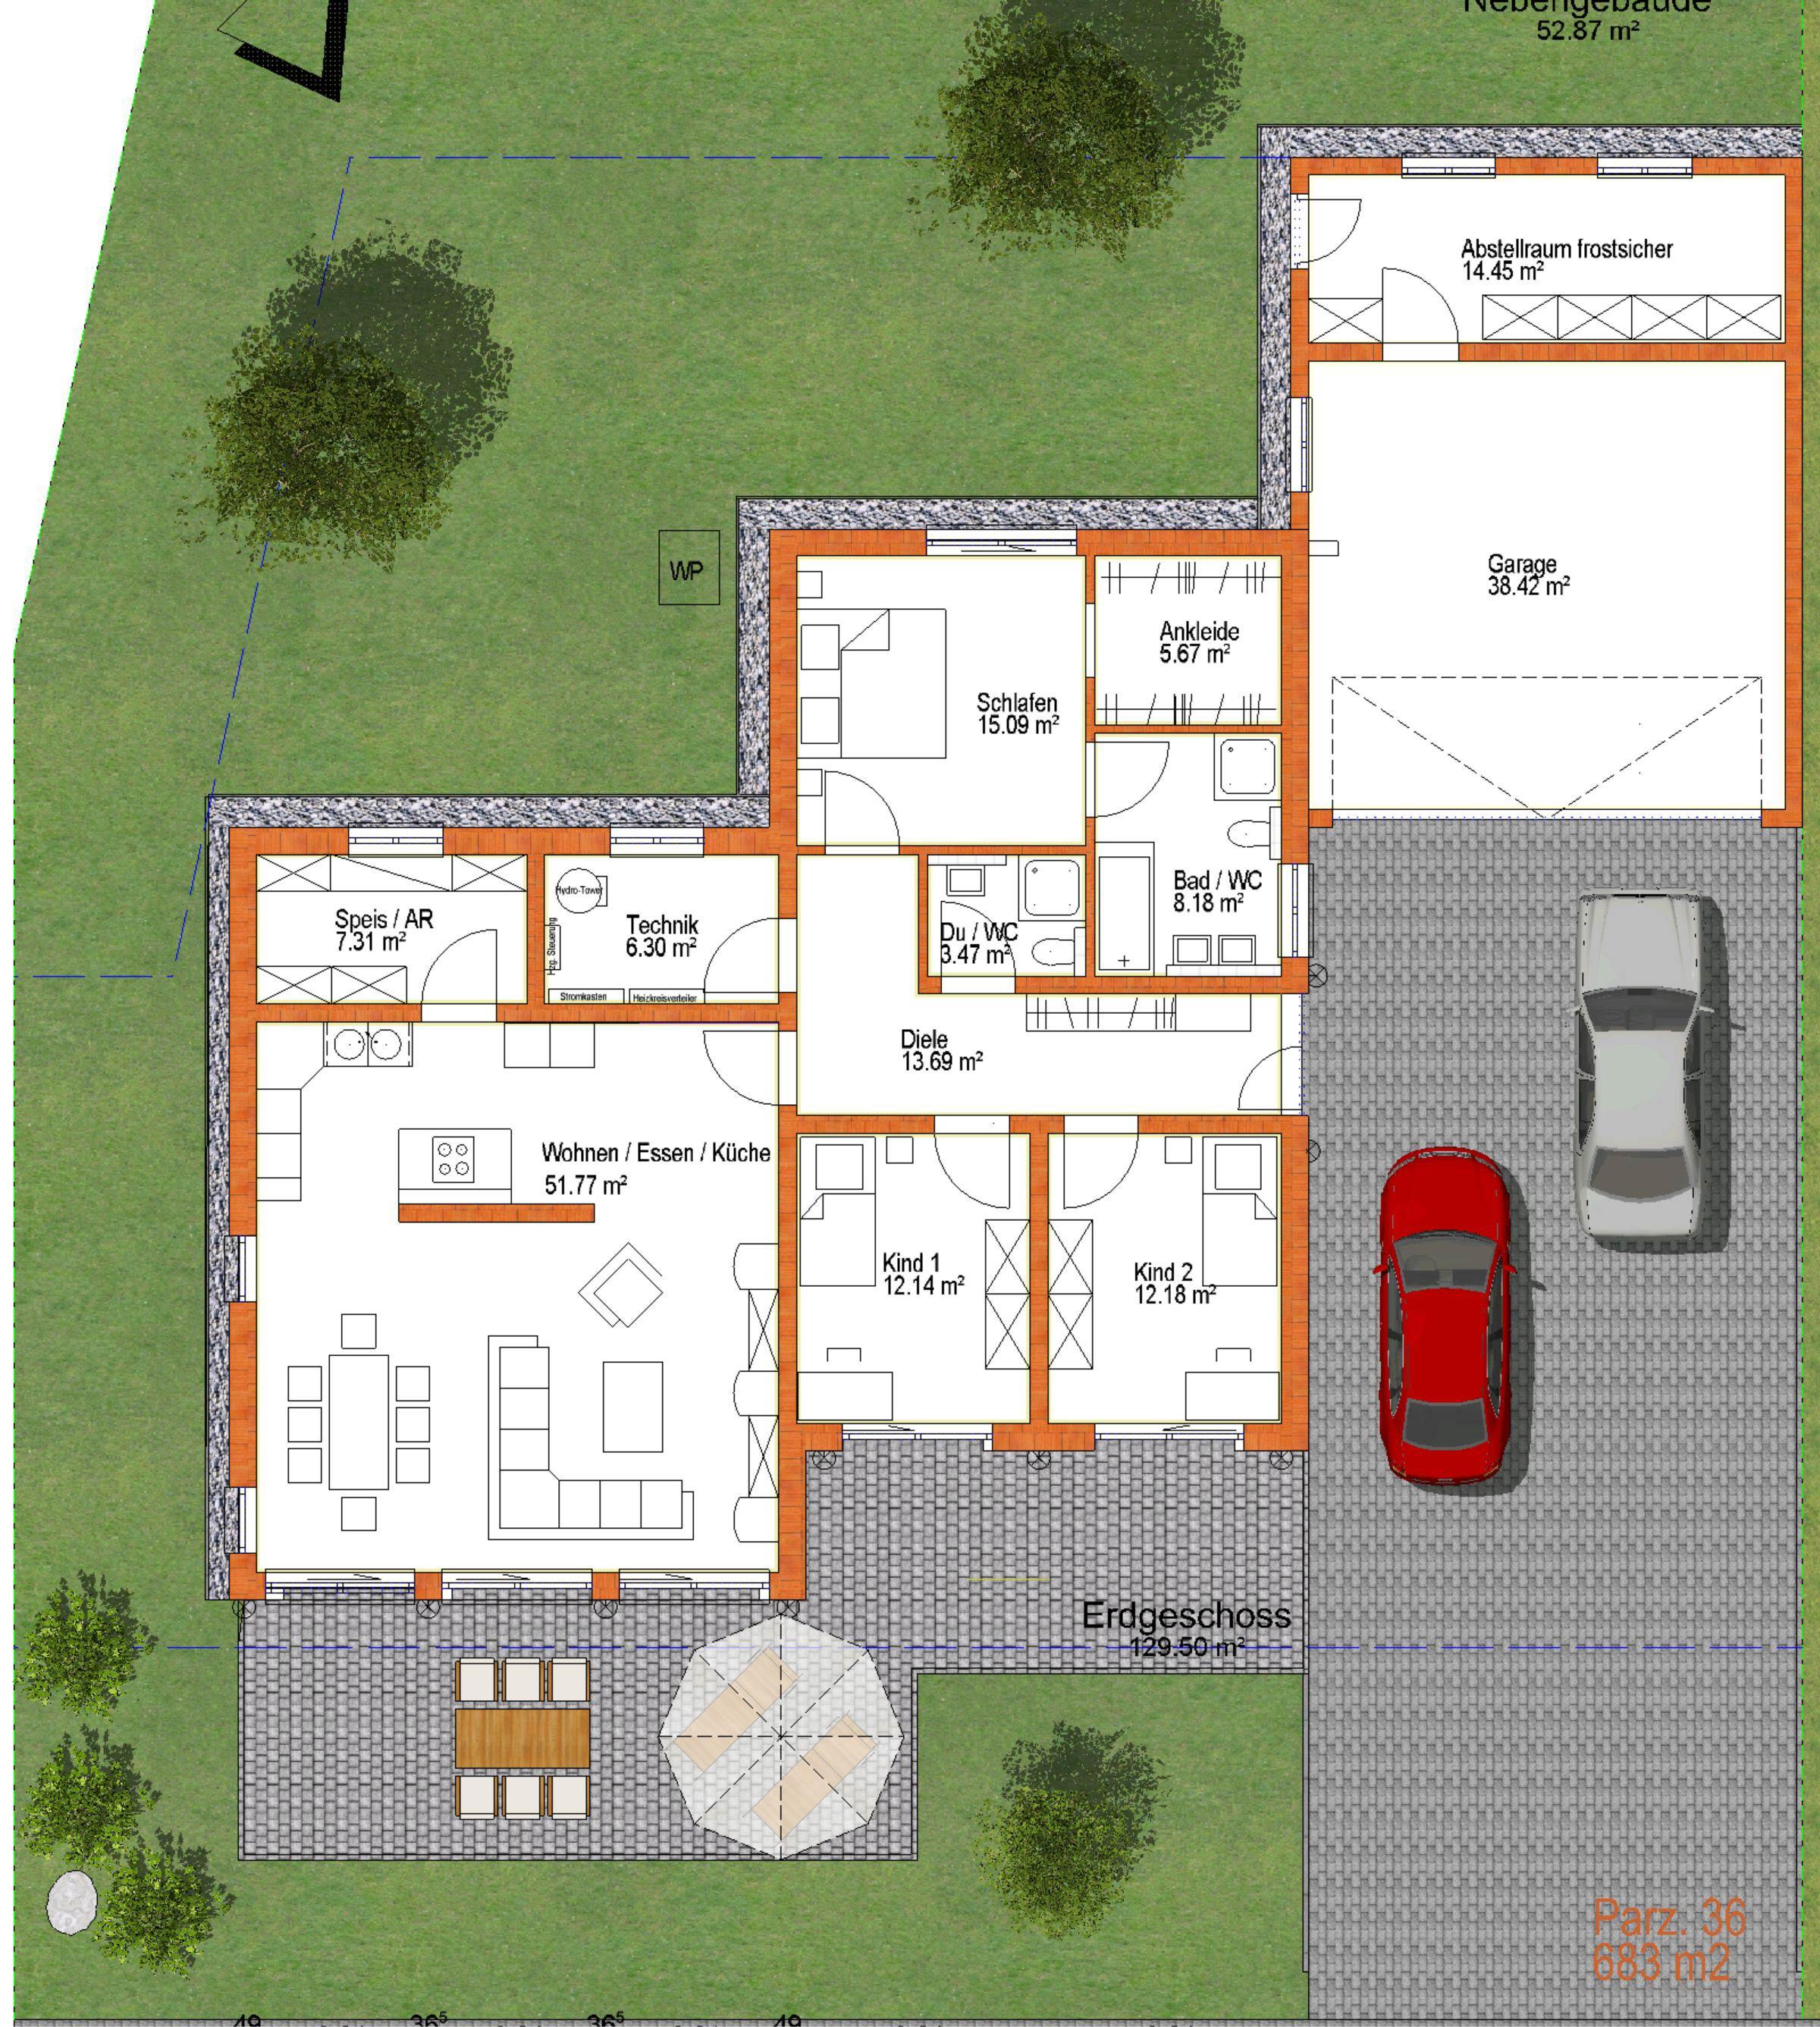 In Planung: Neubau eines Bungalows mit Doppelgarage - Kosa ...